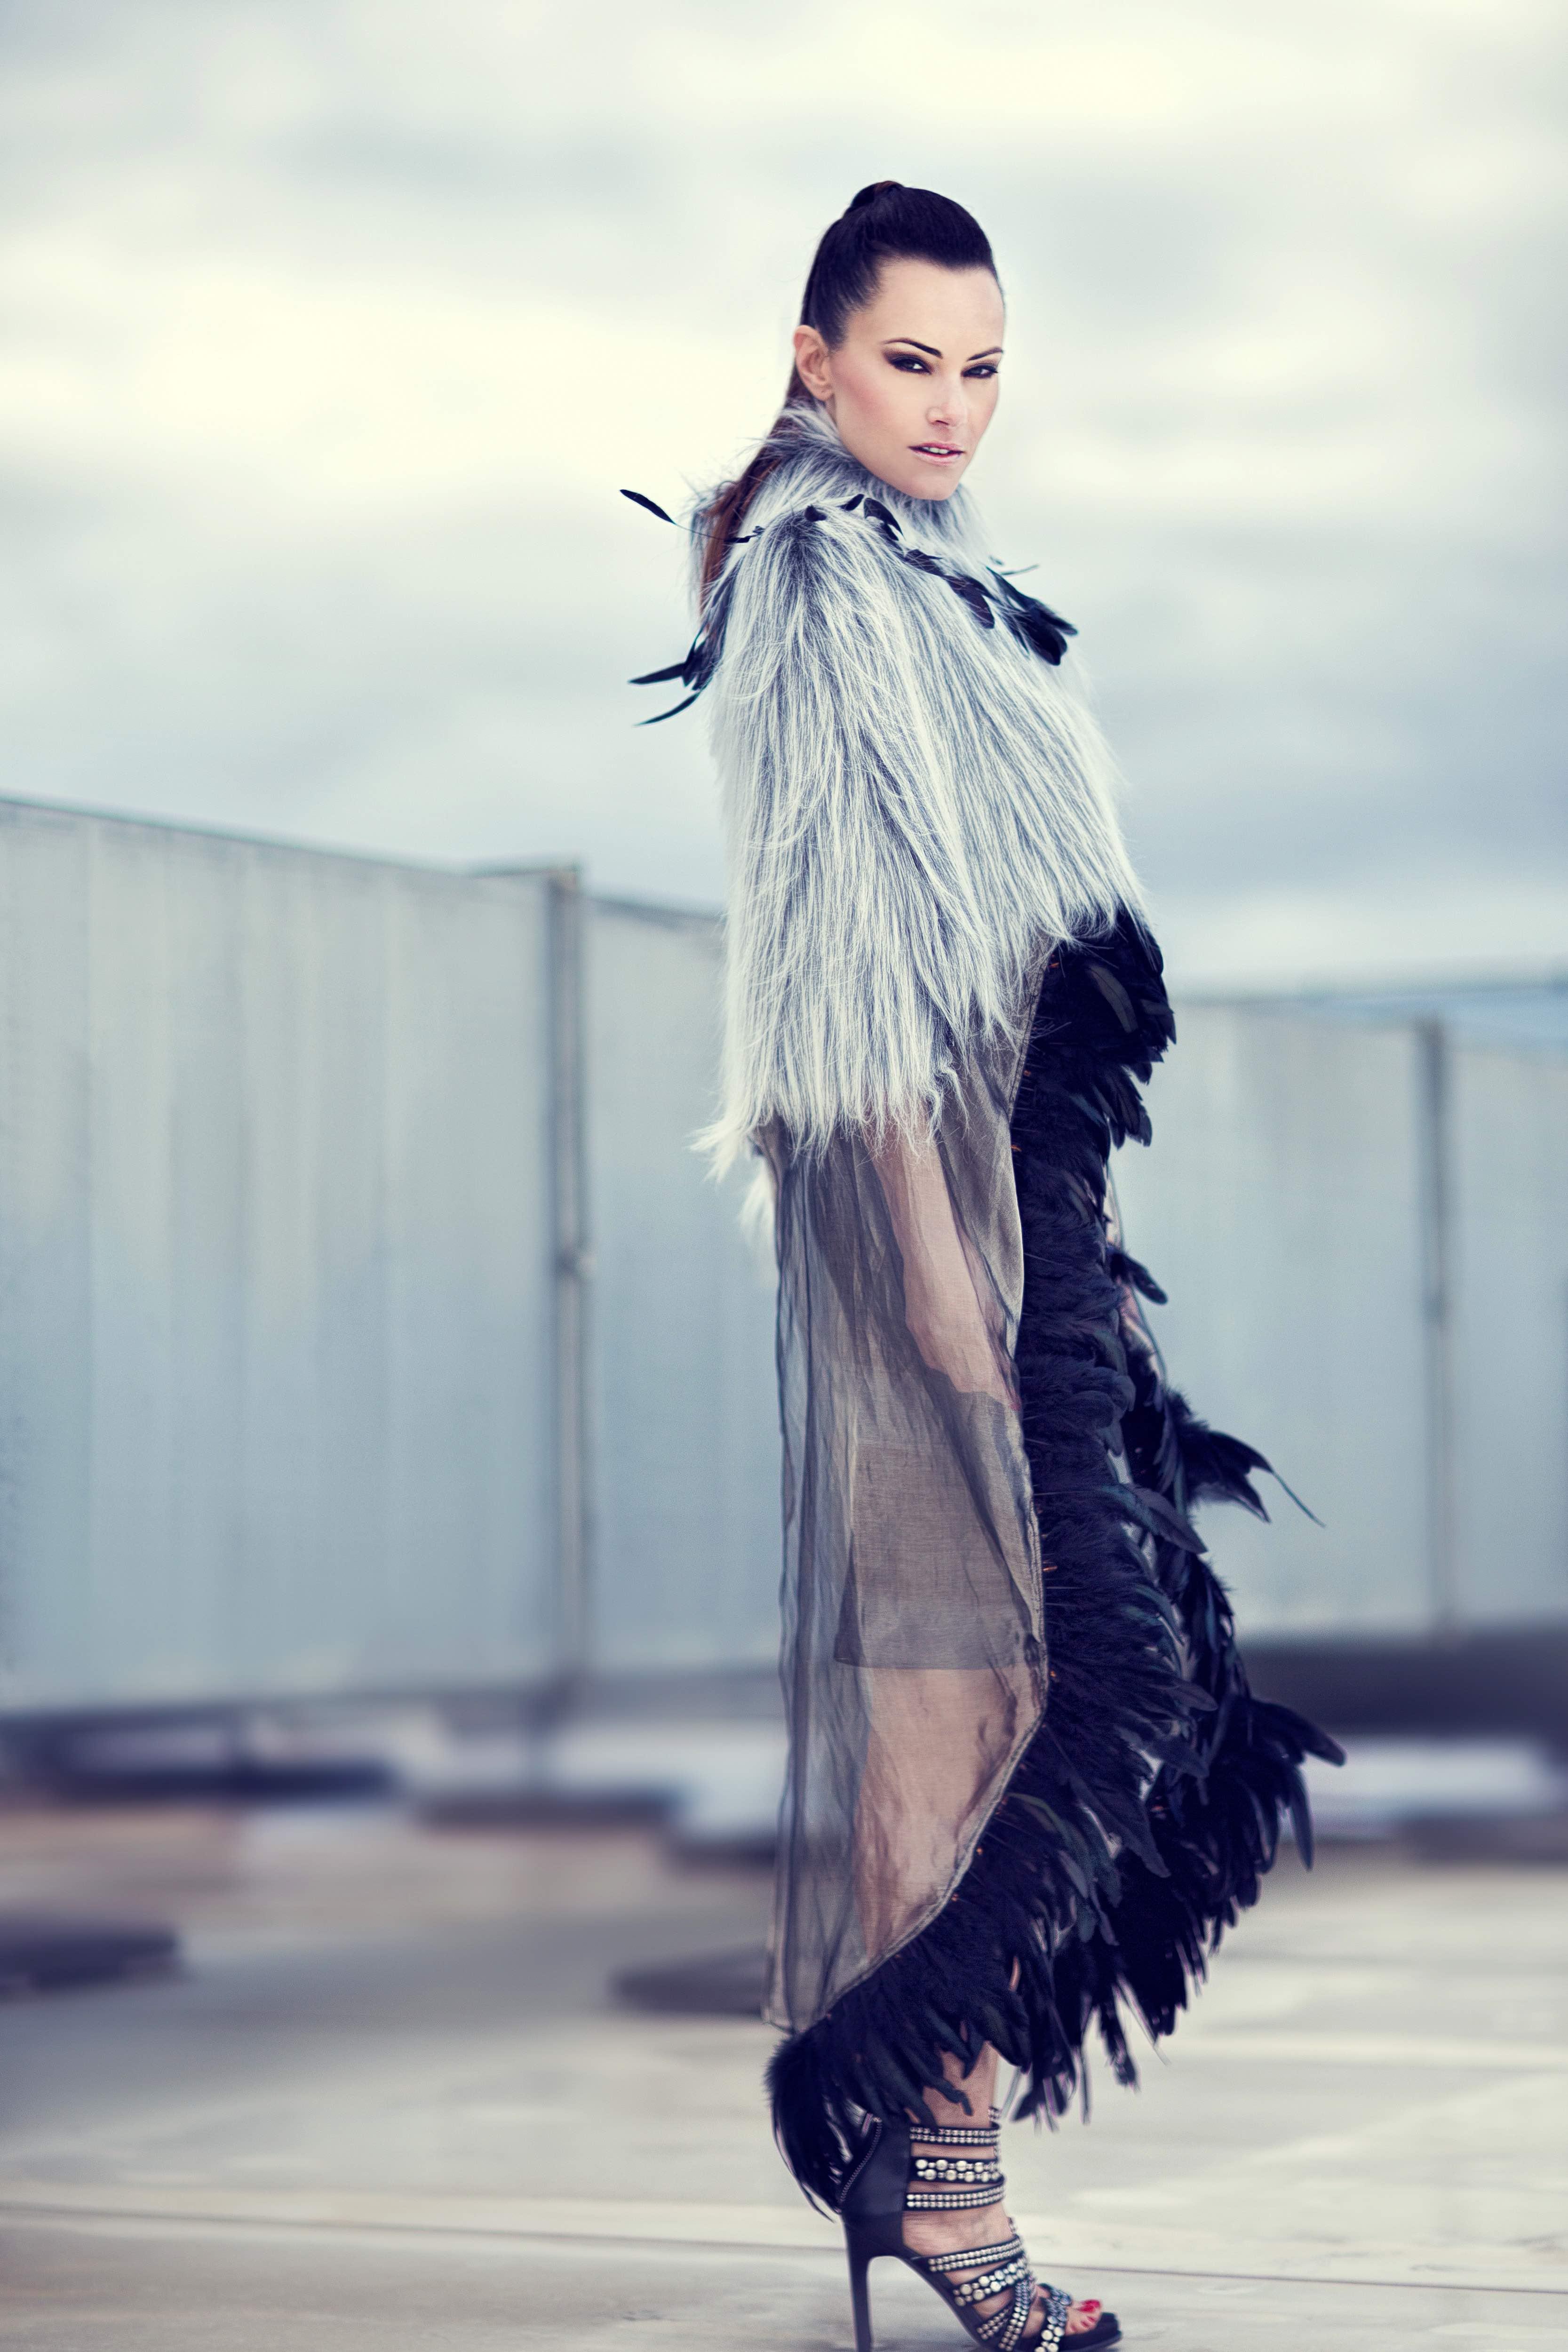 BeOne, Egea, Haute couture ©Johann Sauty